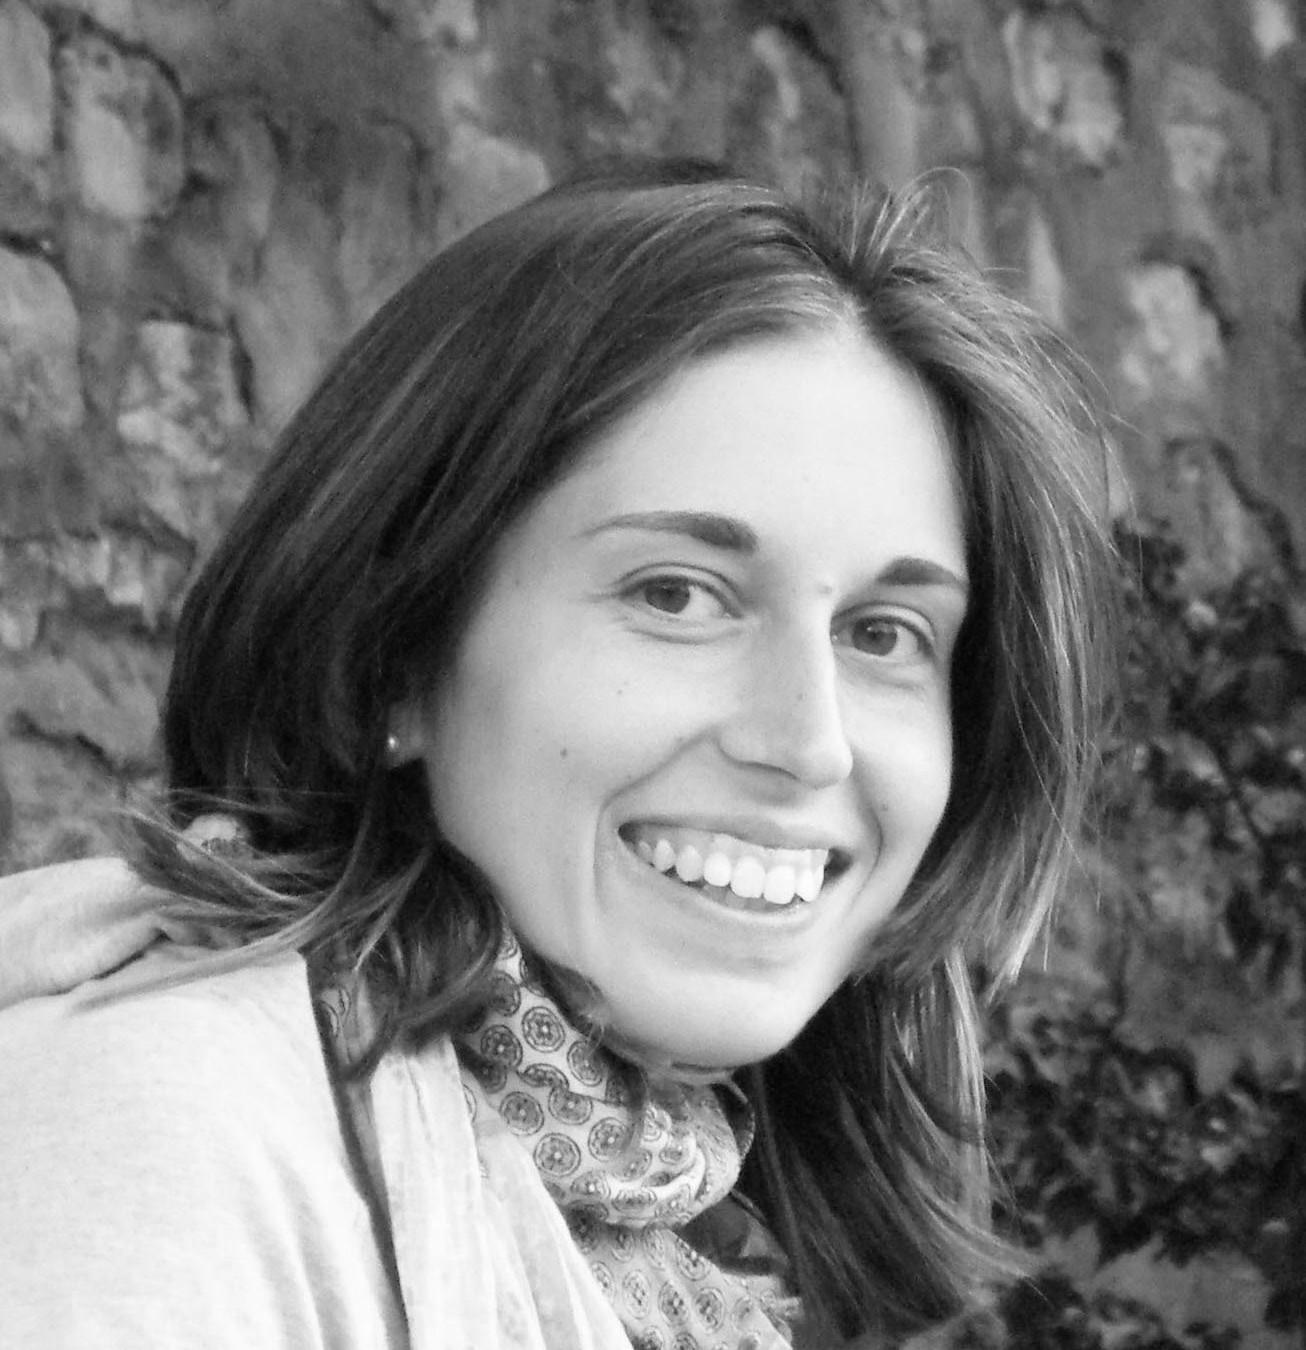 Chiara Gambarana